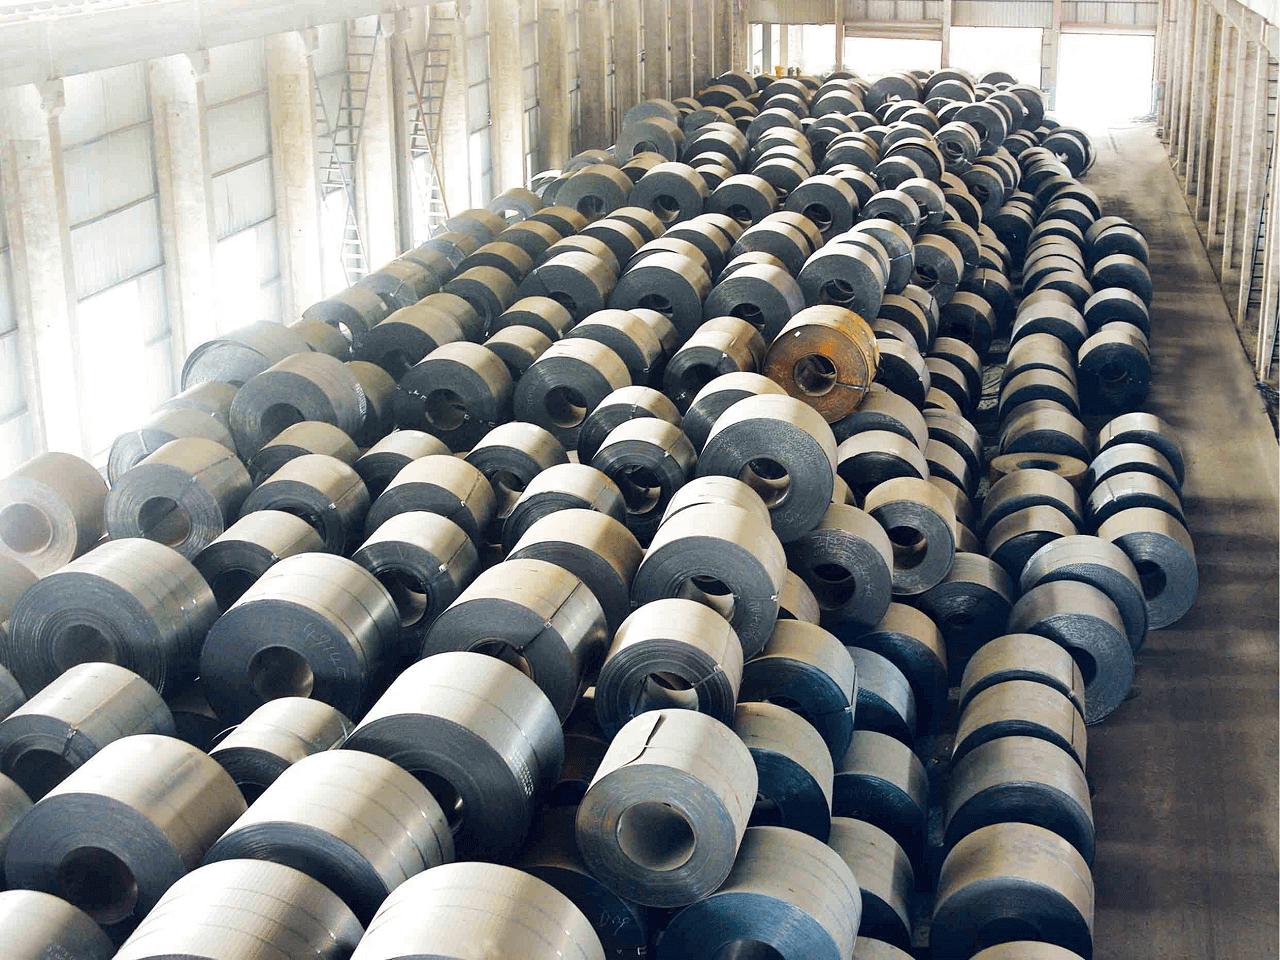 AB'nin Türk Menşeli Demir-Çelik Ürünlerine Karşı Yürüttüğü Sübvansiyon Soruşturması